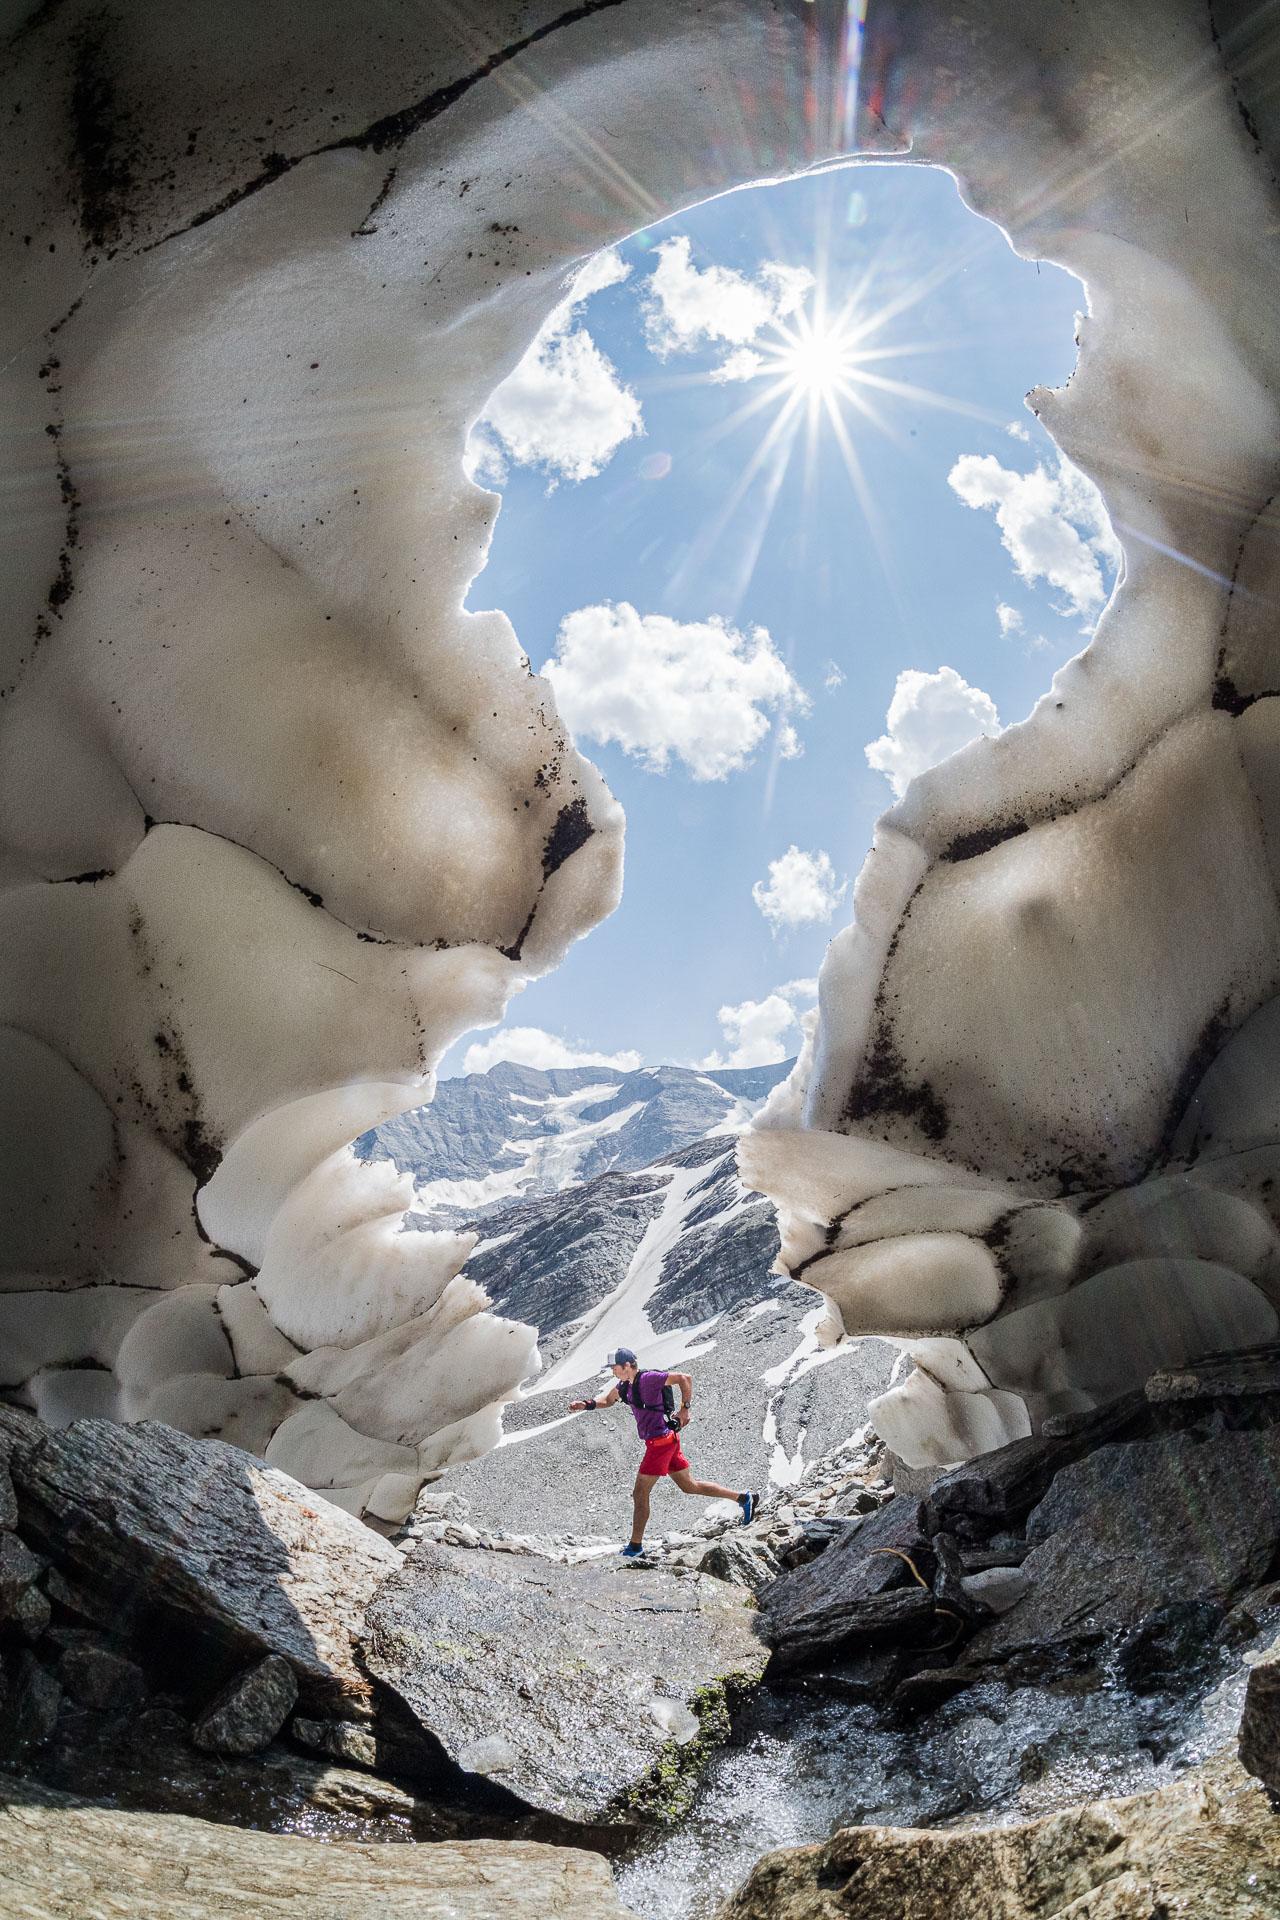 Ein Trailrunner unterwegs bei Schnee und Eis in den Bergen.